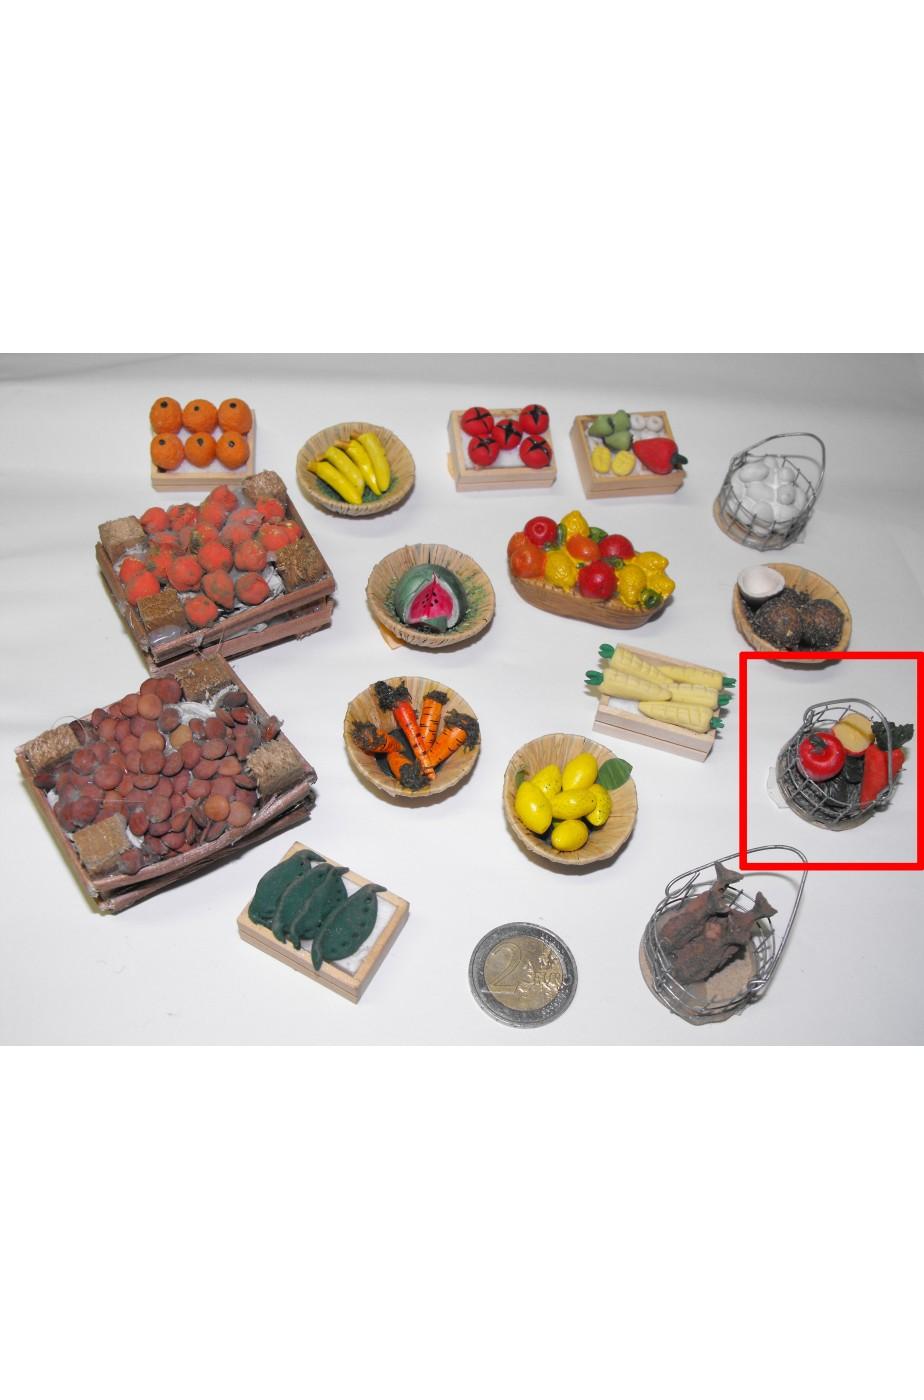 Accessori presepe fruttivendolo:cesto metallo con verdura mista fatto a mano